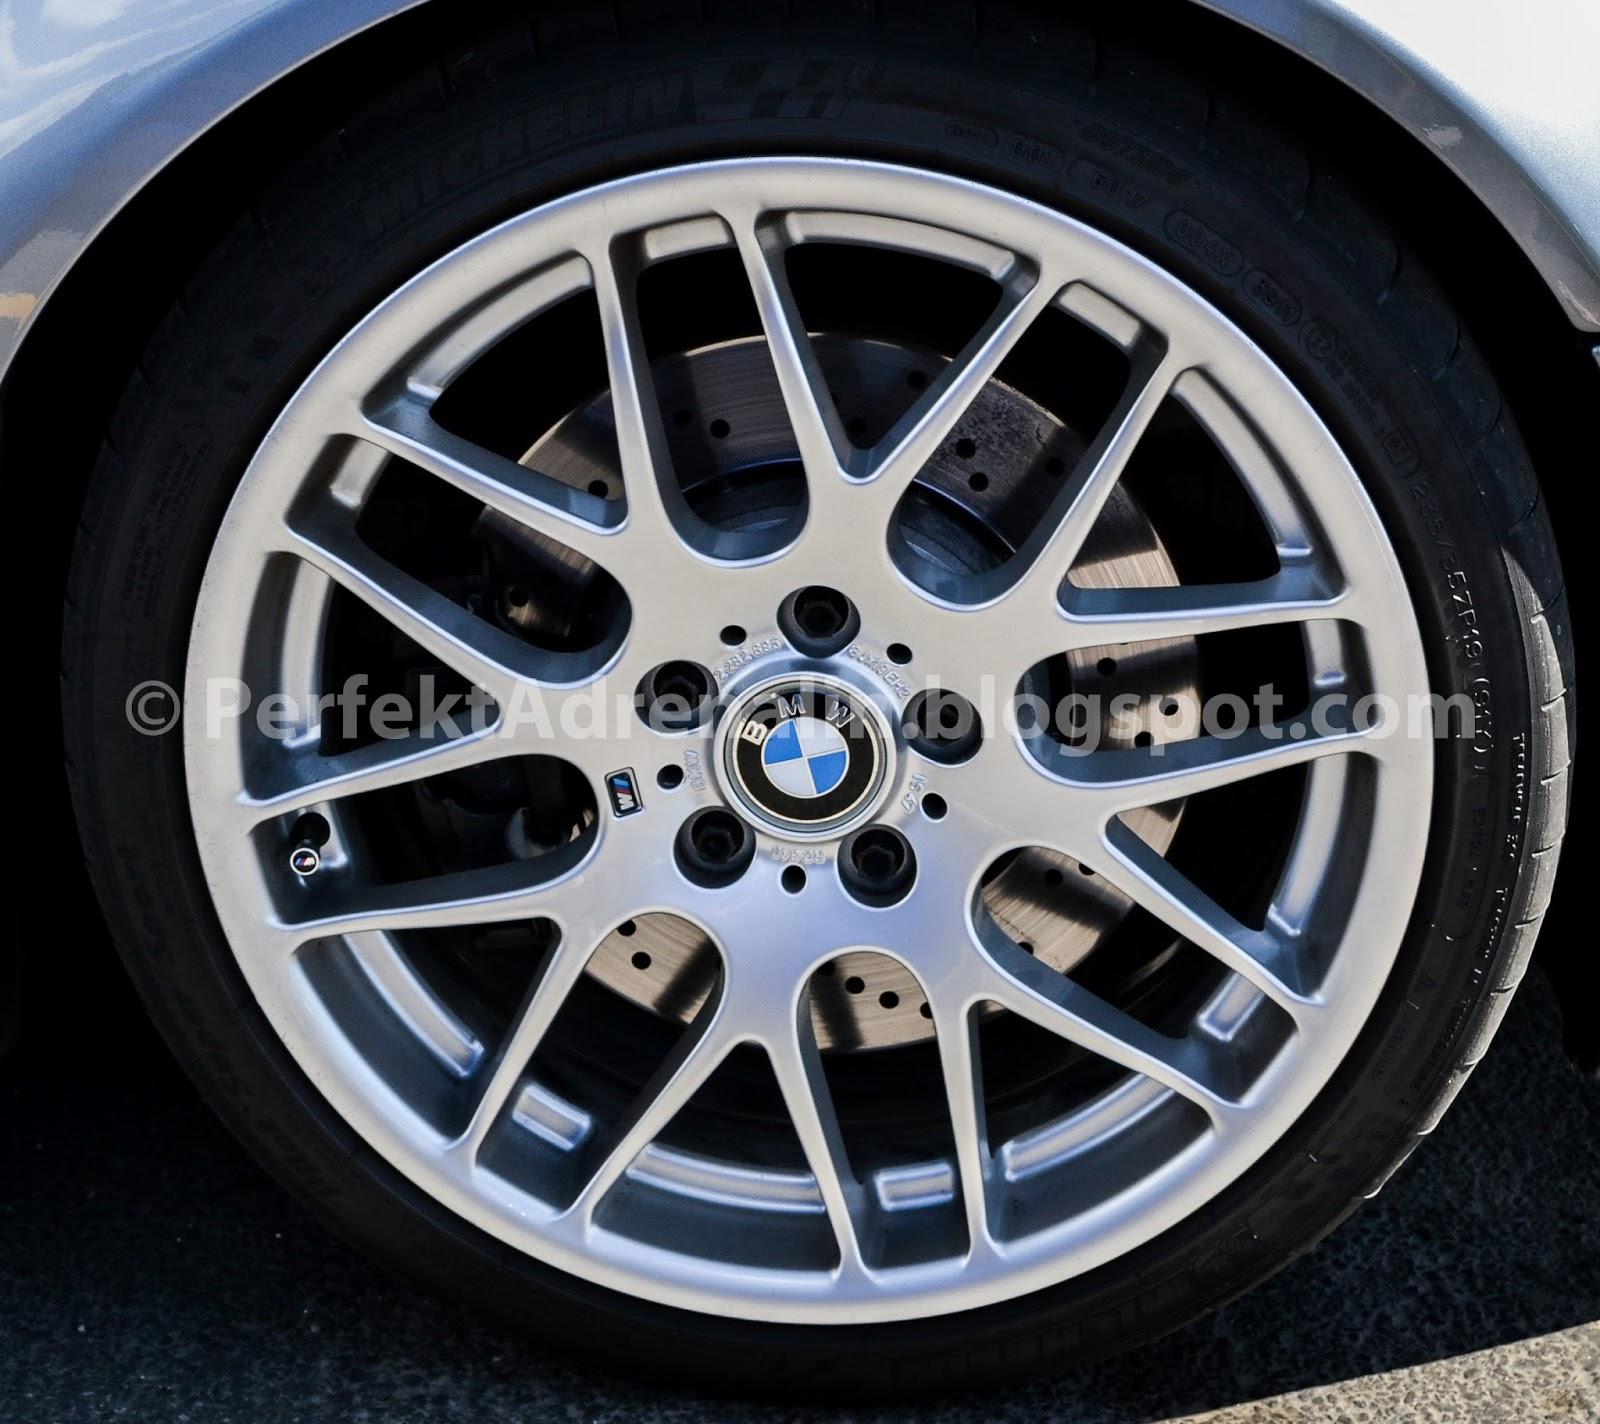 """PerfektAdrenalin: BMW E46 M3 Competition (ZCP) 19"""" Wheels"""